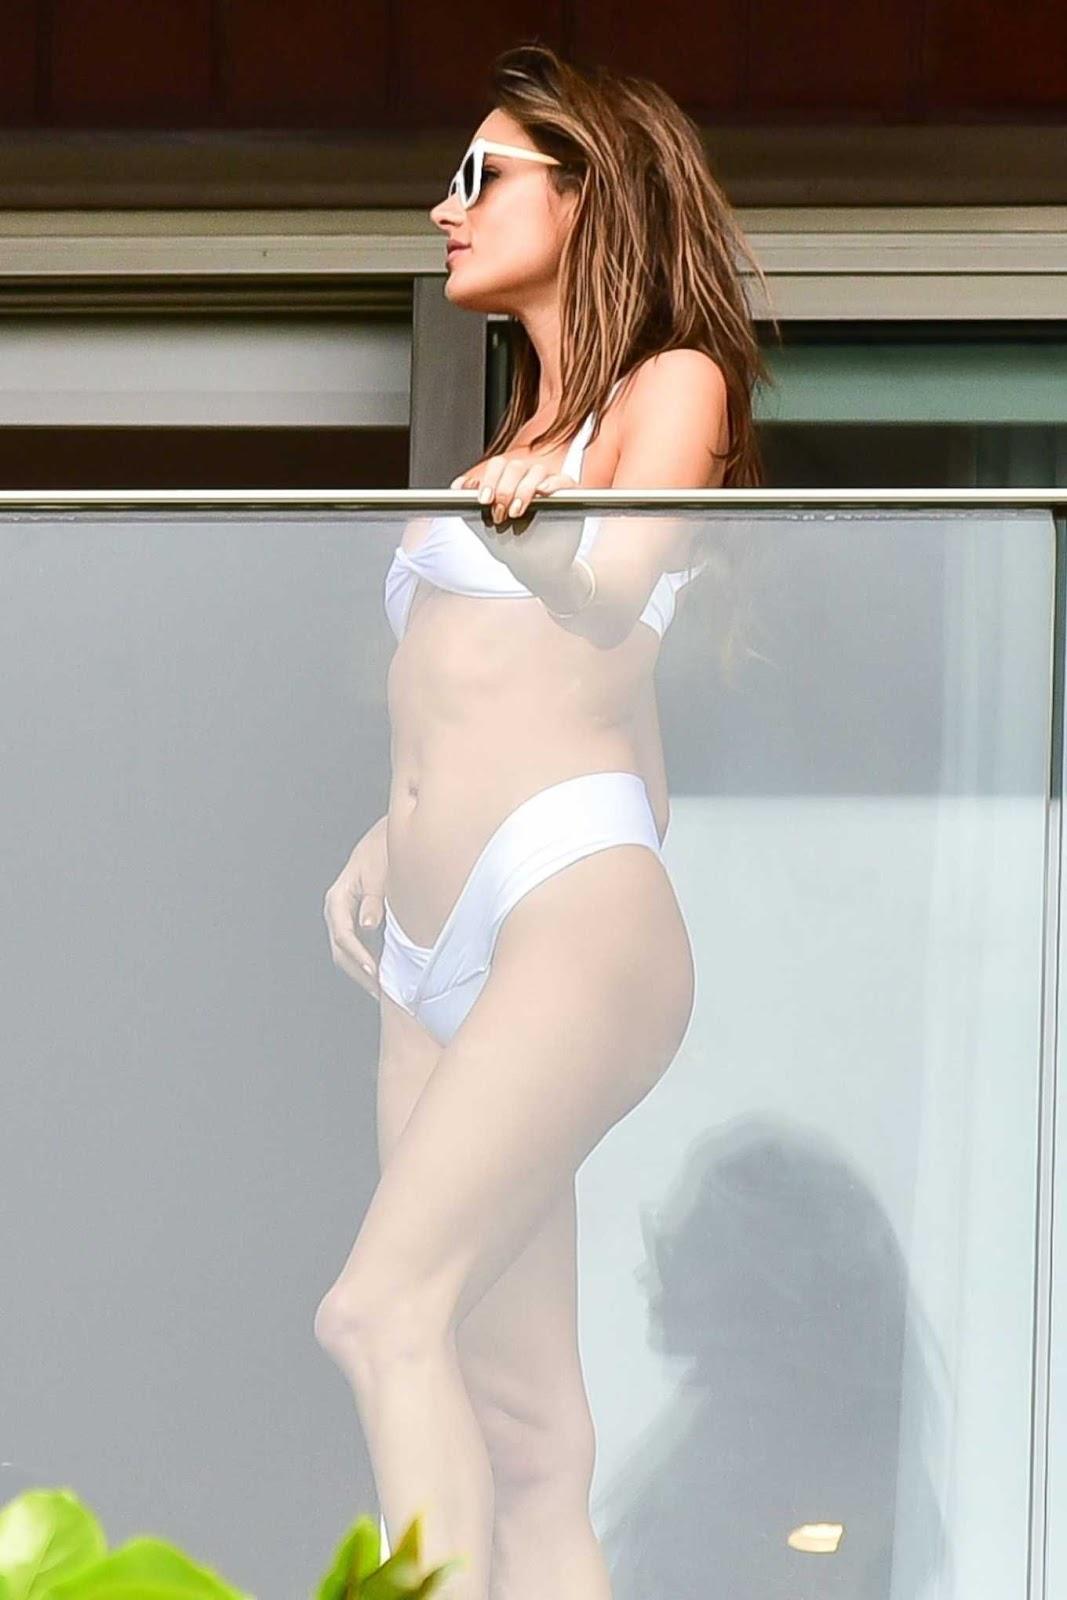 Alessandra Ambrosio bares enviable bikini body in Rio de Janeiro